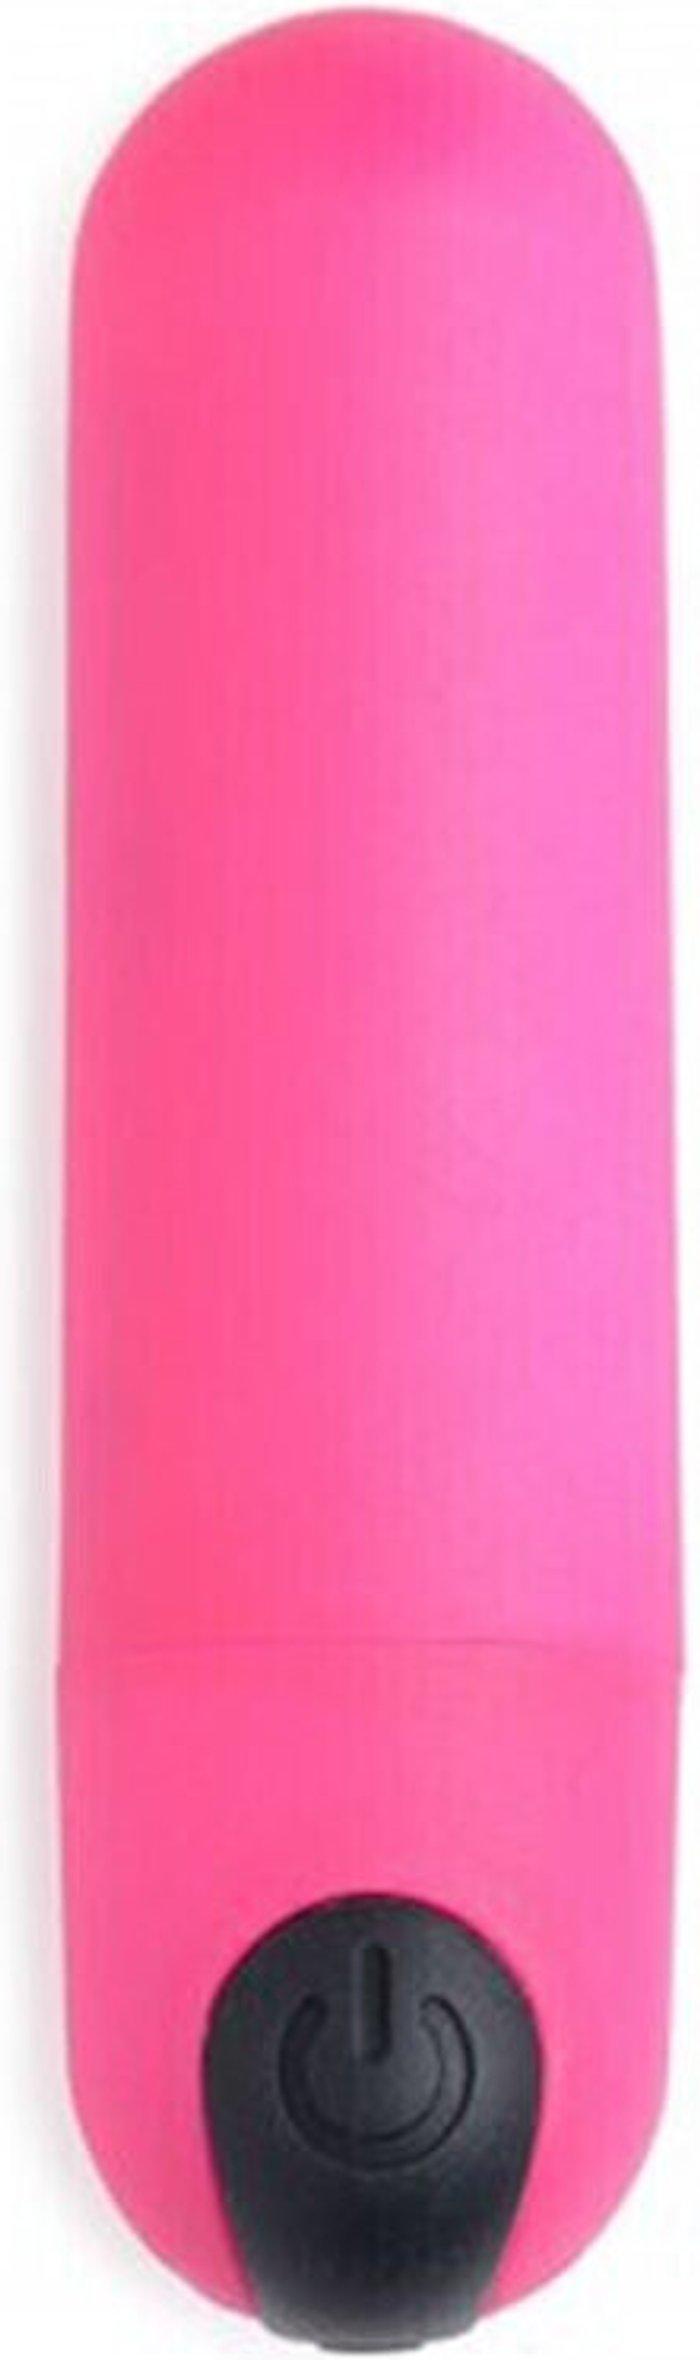 Bang! Bang! Bullet ball vibrator - pink